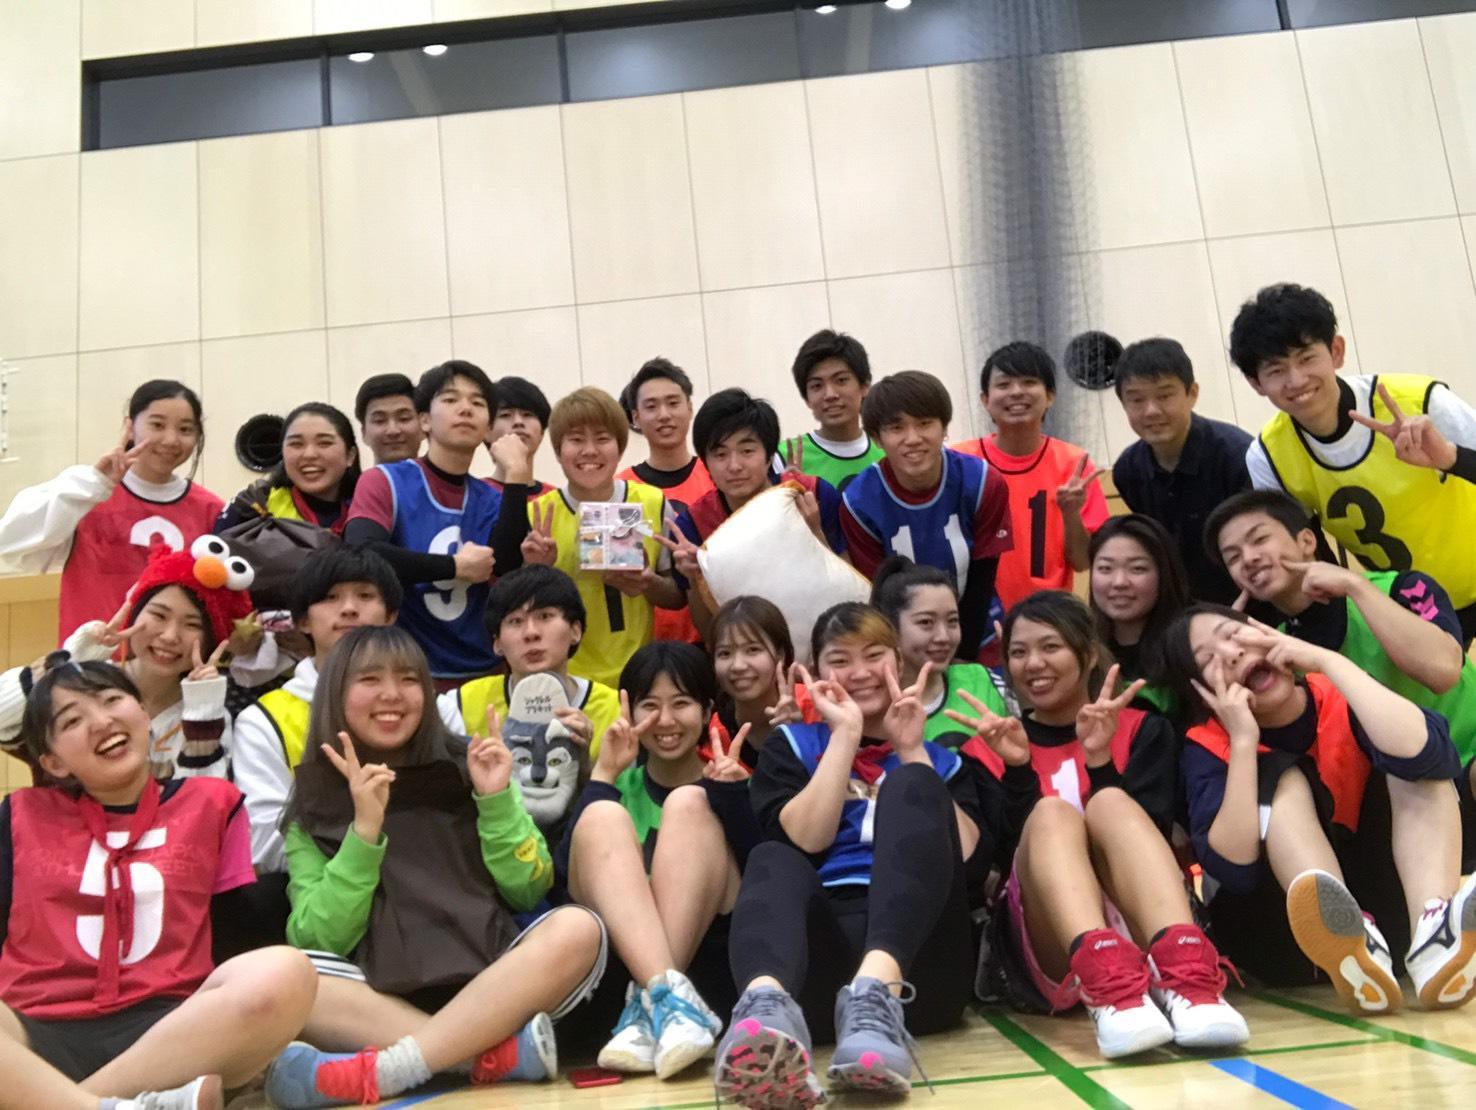 スポーツで一体感を味わった外国語学部生たち